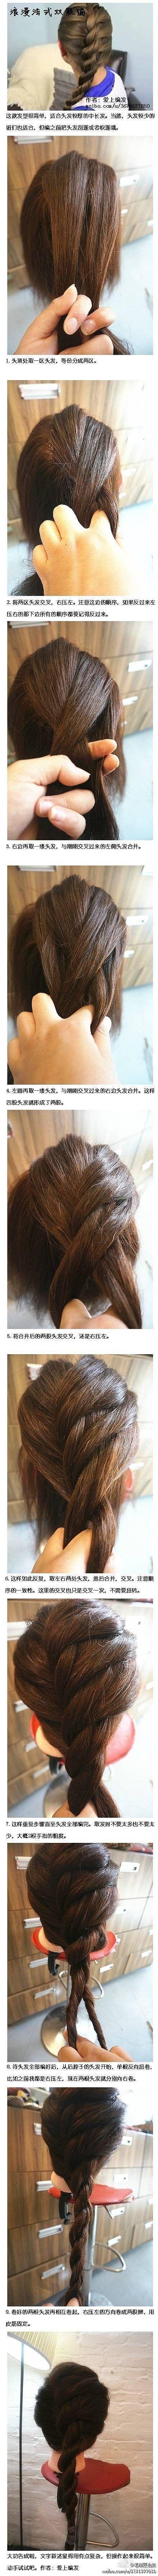 手工DIY 美妆造型 编发 发型 操作起来不难,妹子们多试几次就能掌握了